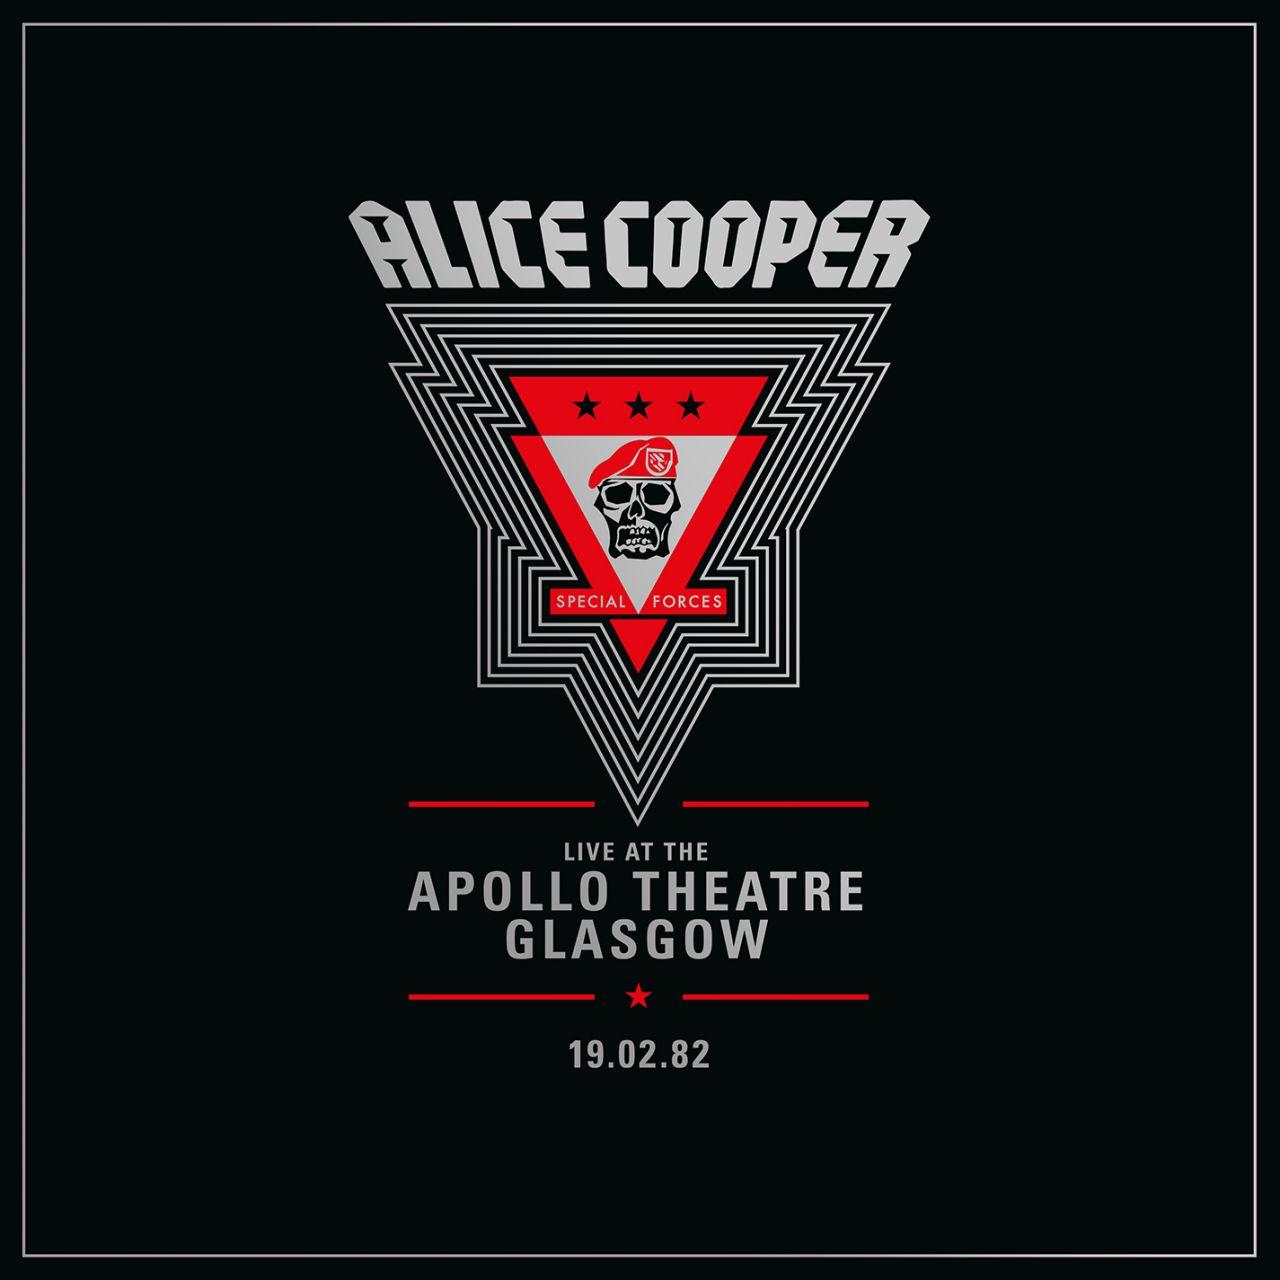 Alice Cooper - Live At The Apollo Theatre, Glasgow // 19.02.82 - 2LP